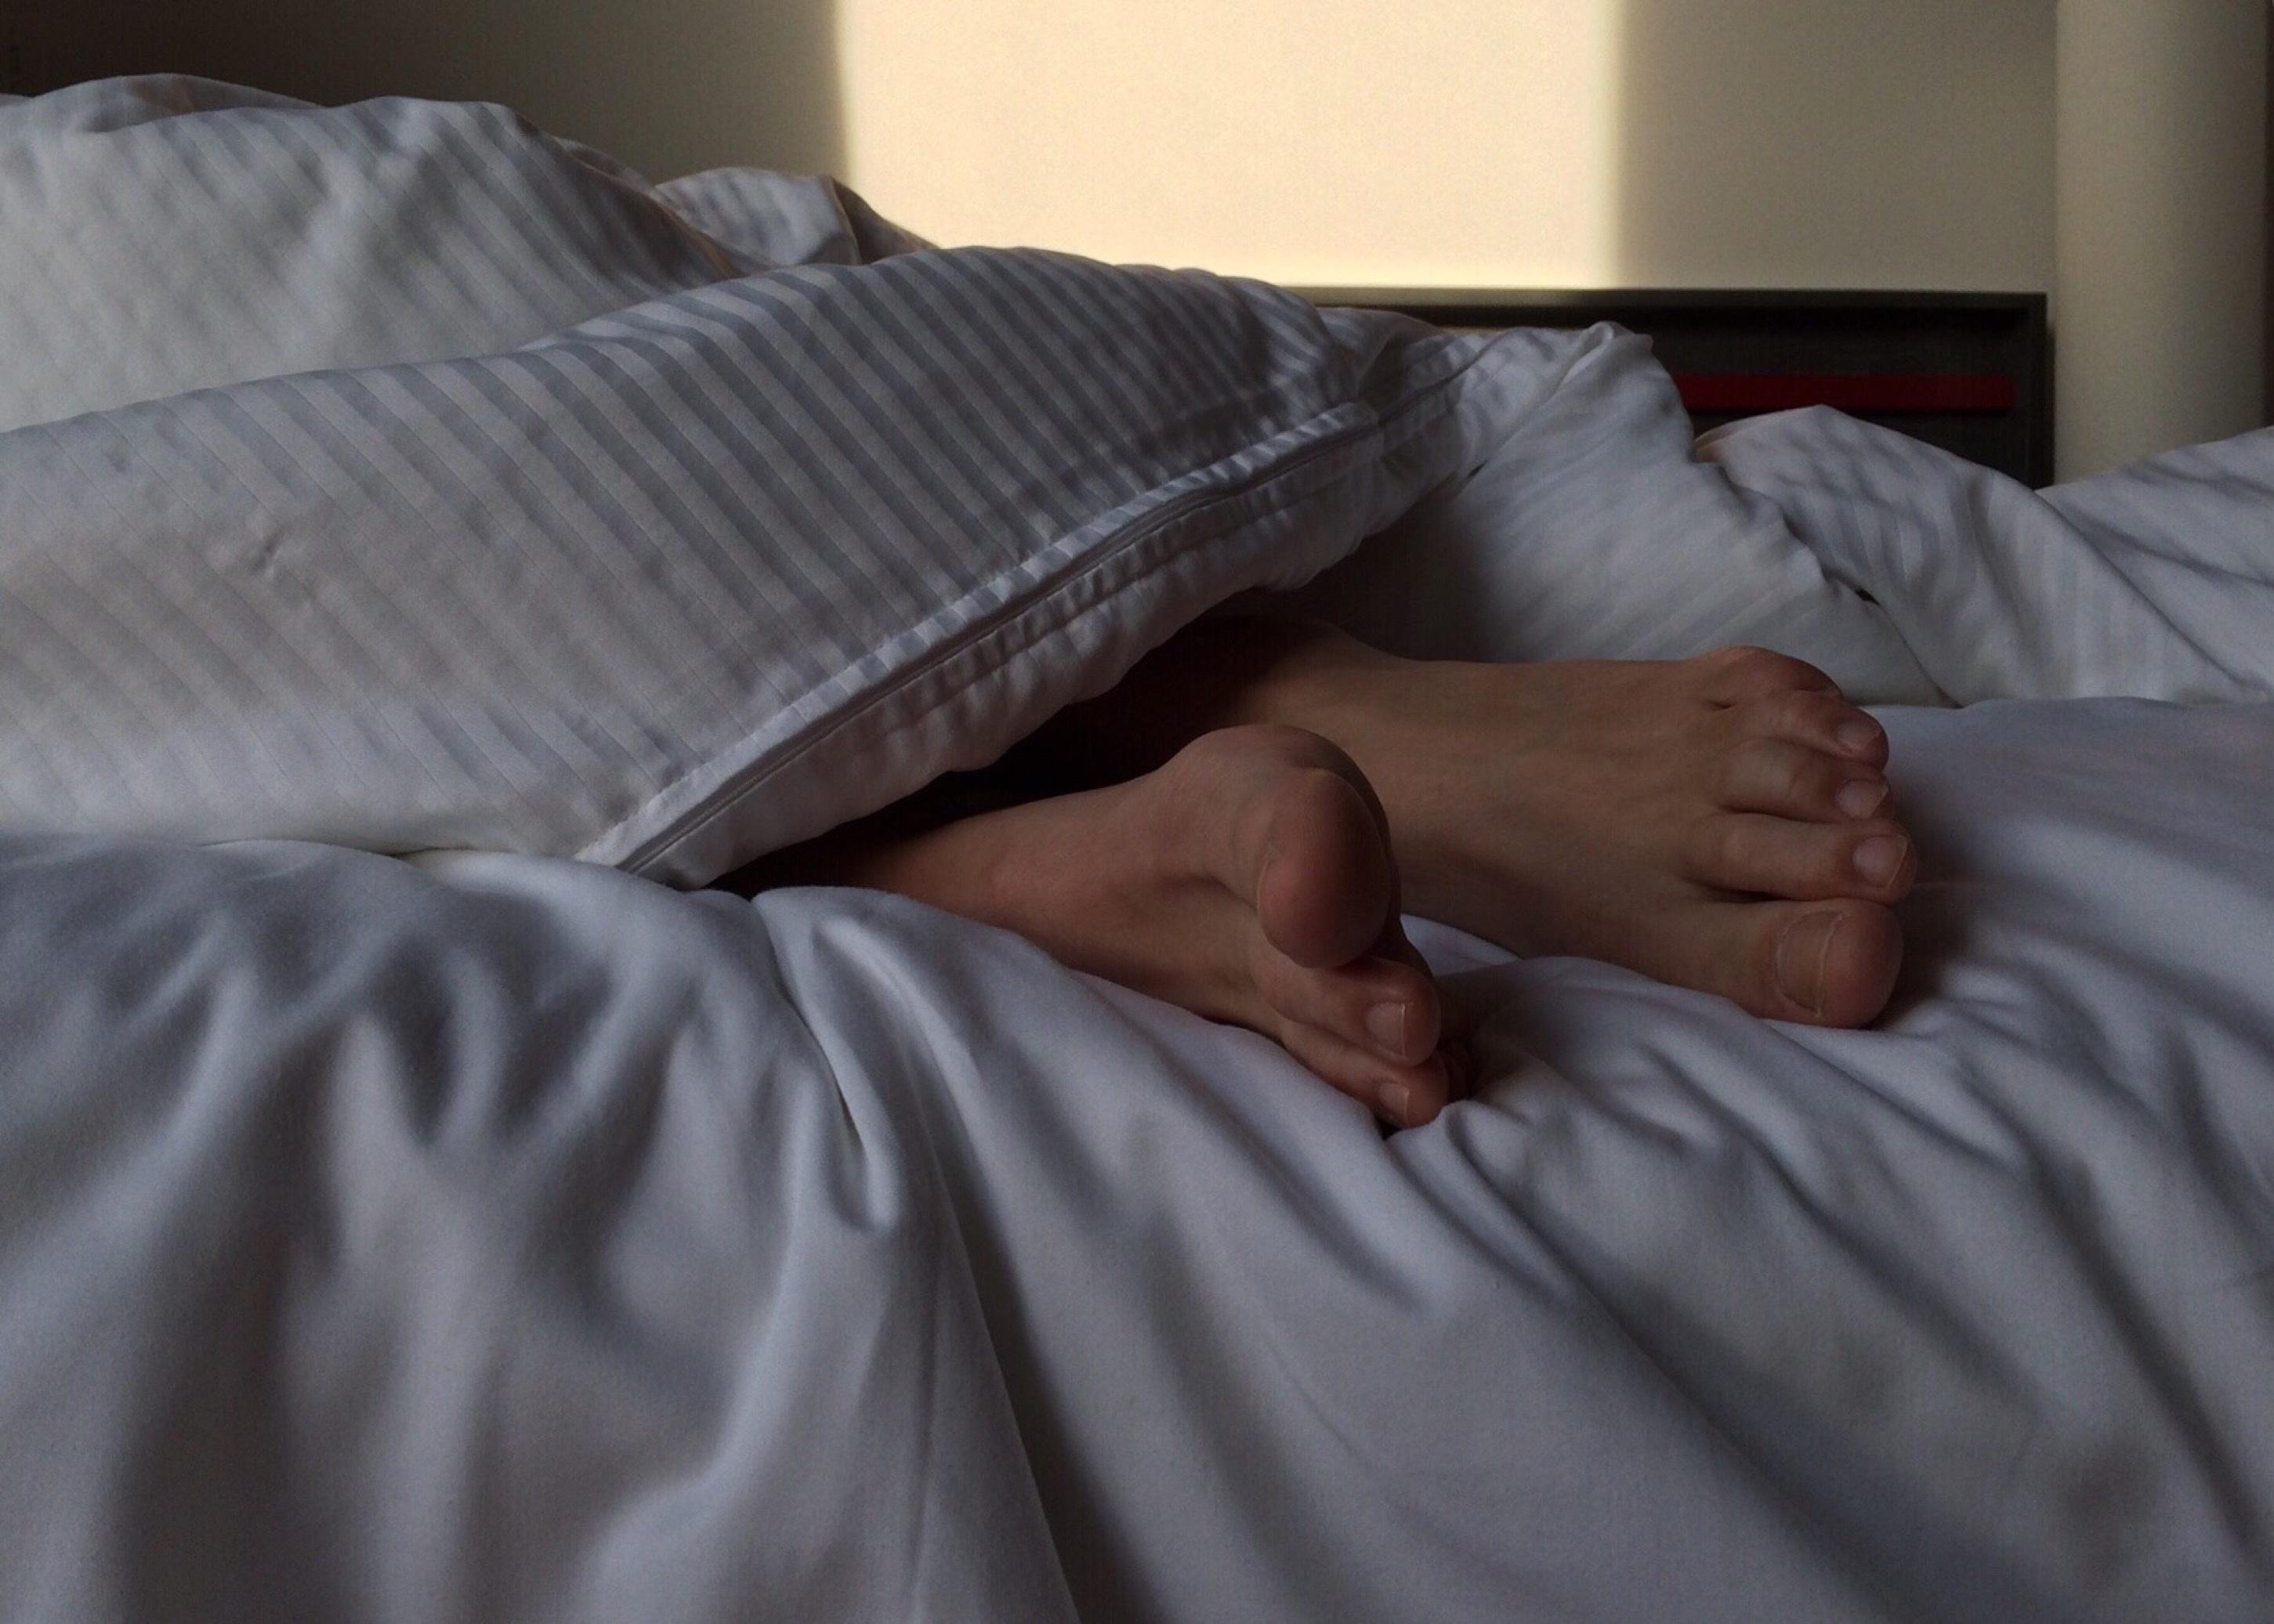 Fotos gratis : persona, Pies, masculino, pierna, dormido, Cuarto ...